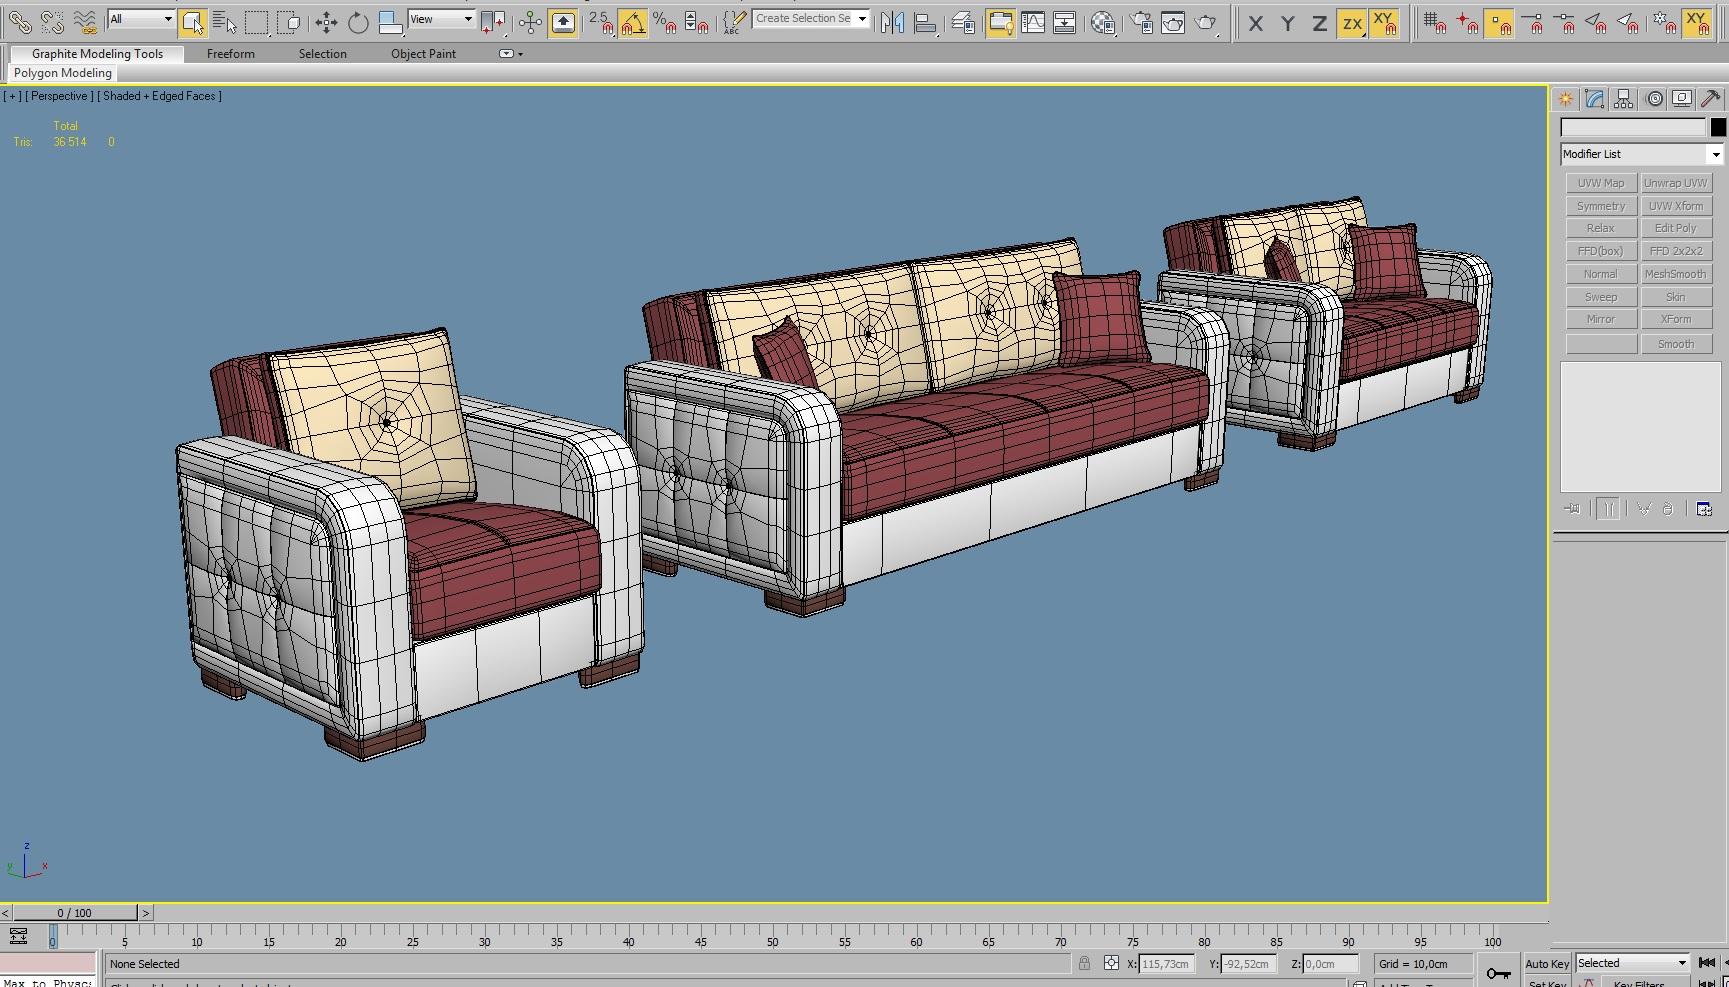 3D Modeling for Interior Design Platform - Case Study